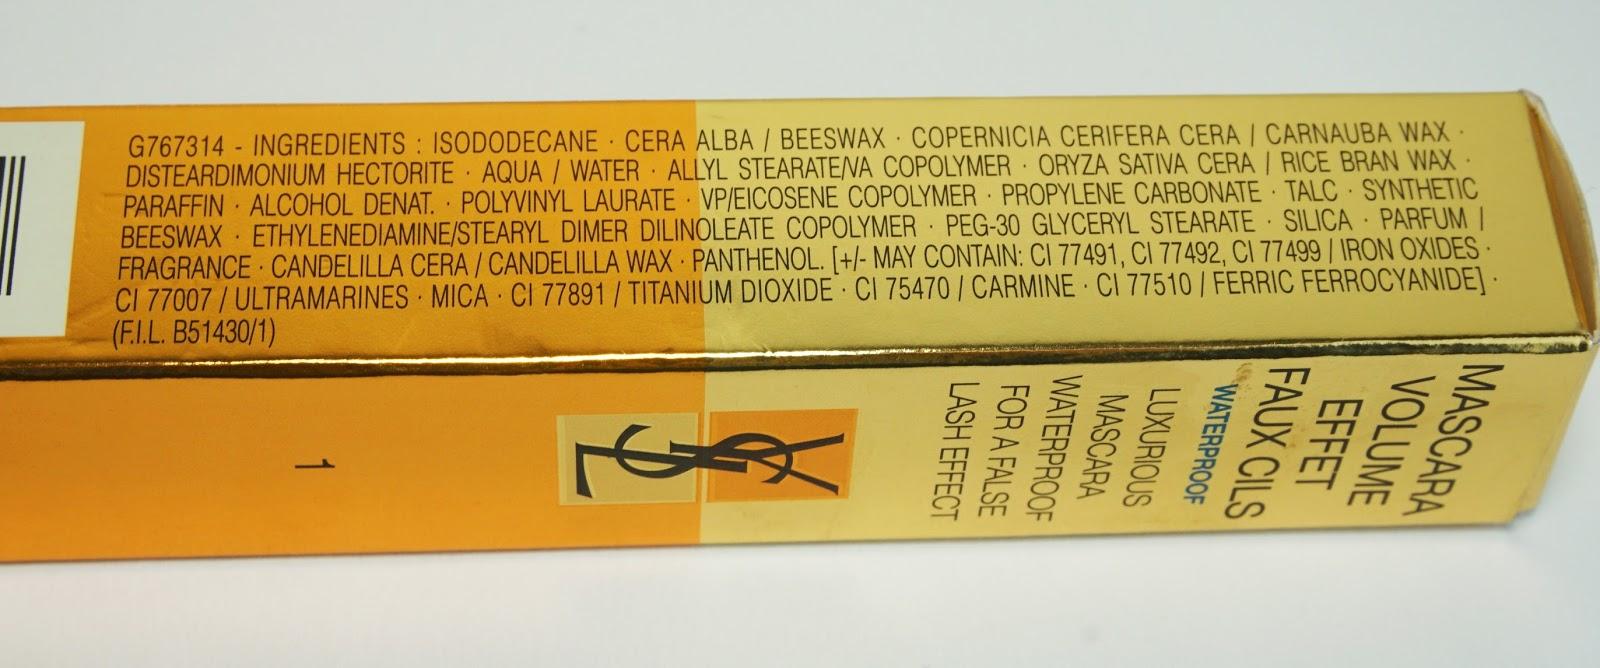 YSL - Mascara Volume Effet Faux Cils (Waterproof) Ingredients